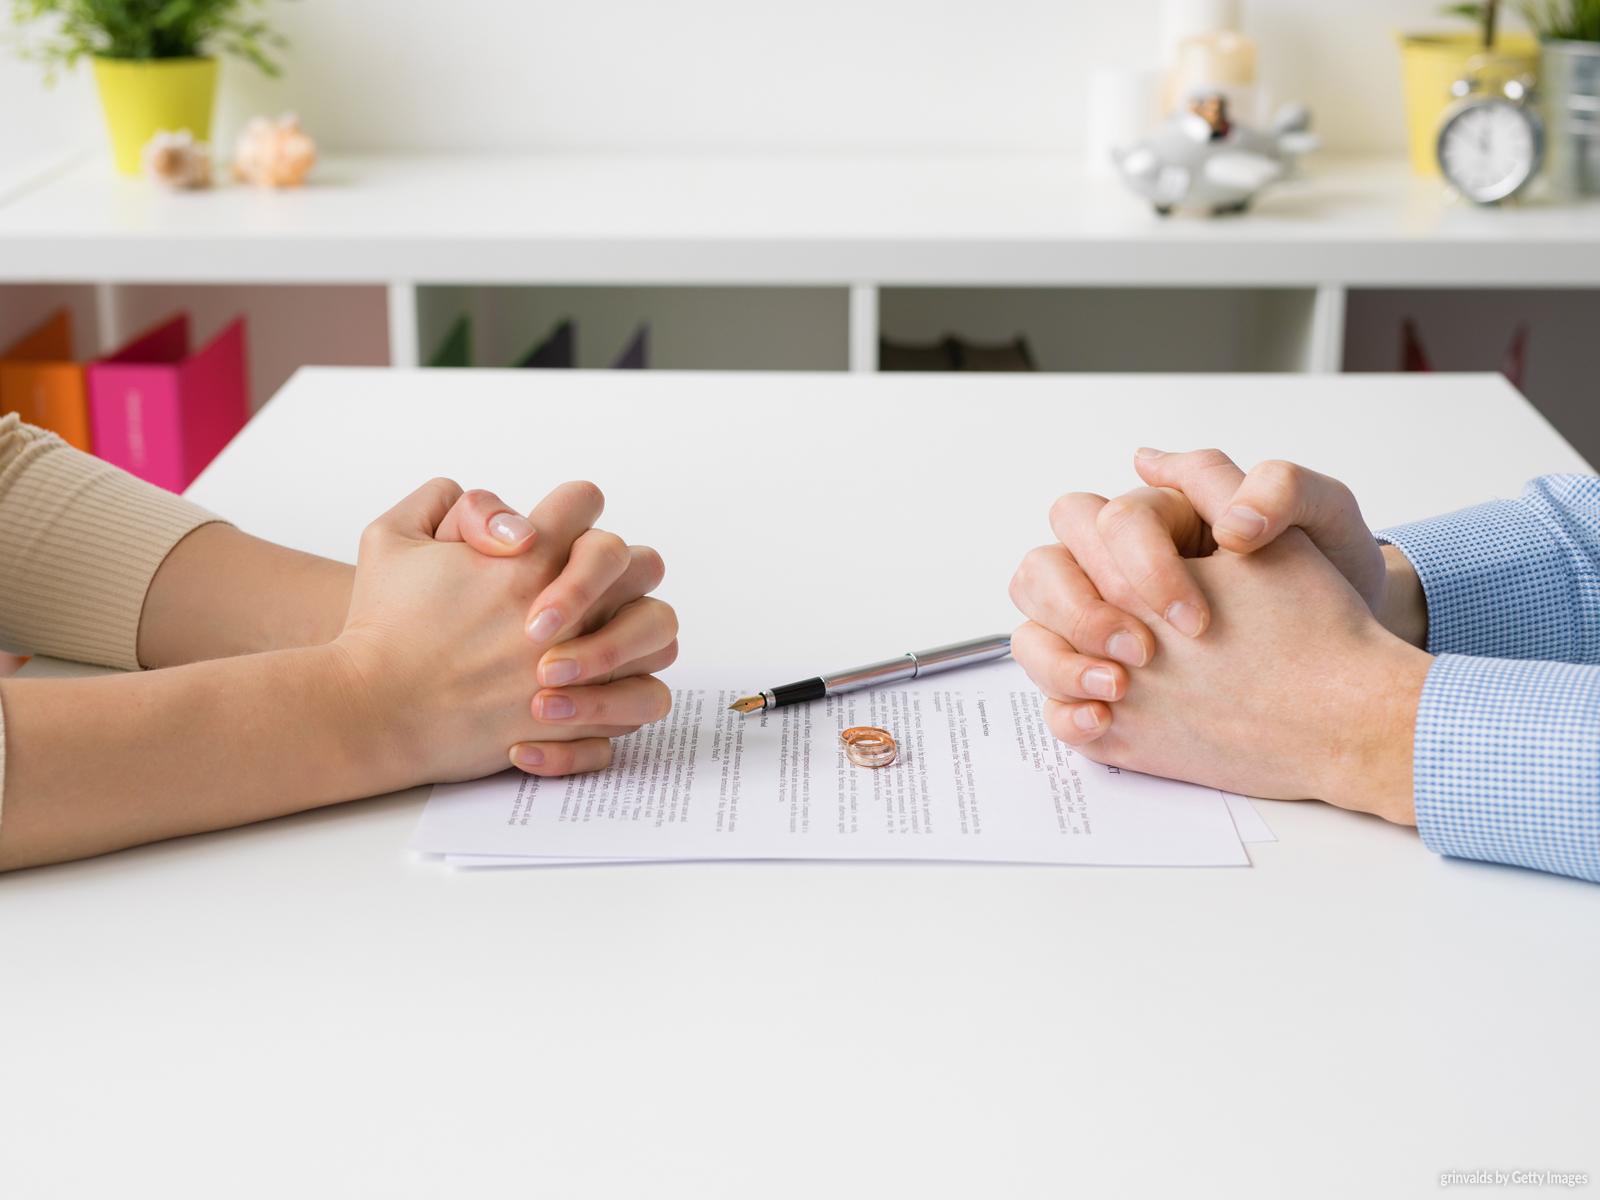 O casamento acabou e quais as consequências para os filhos